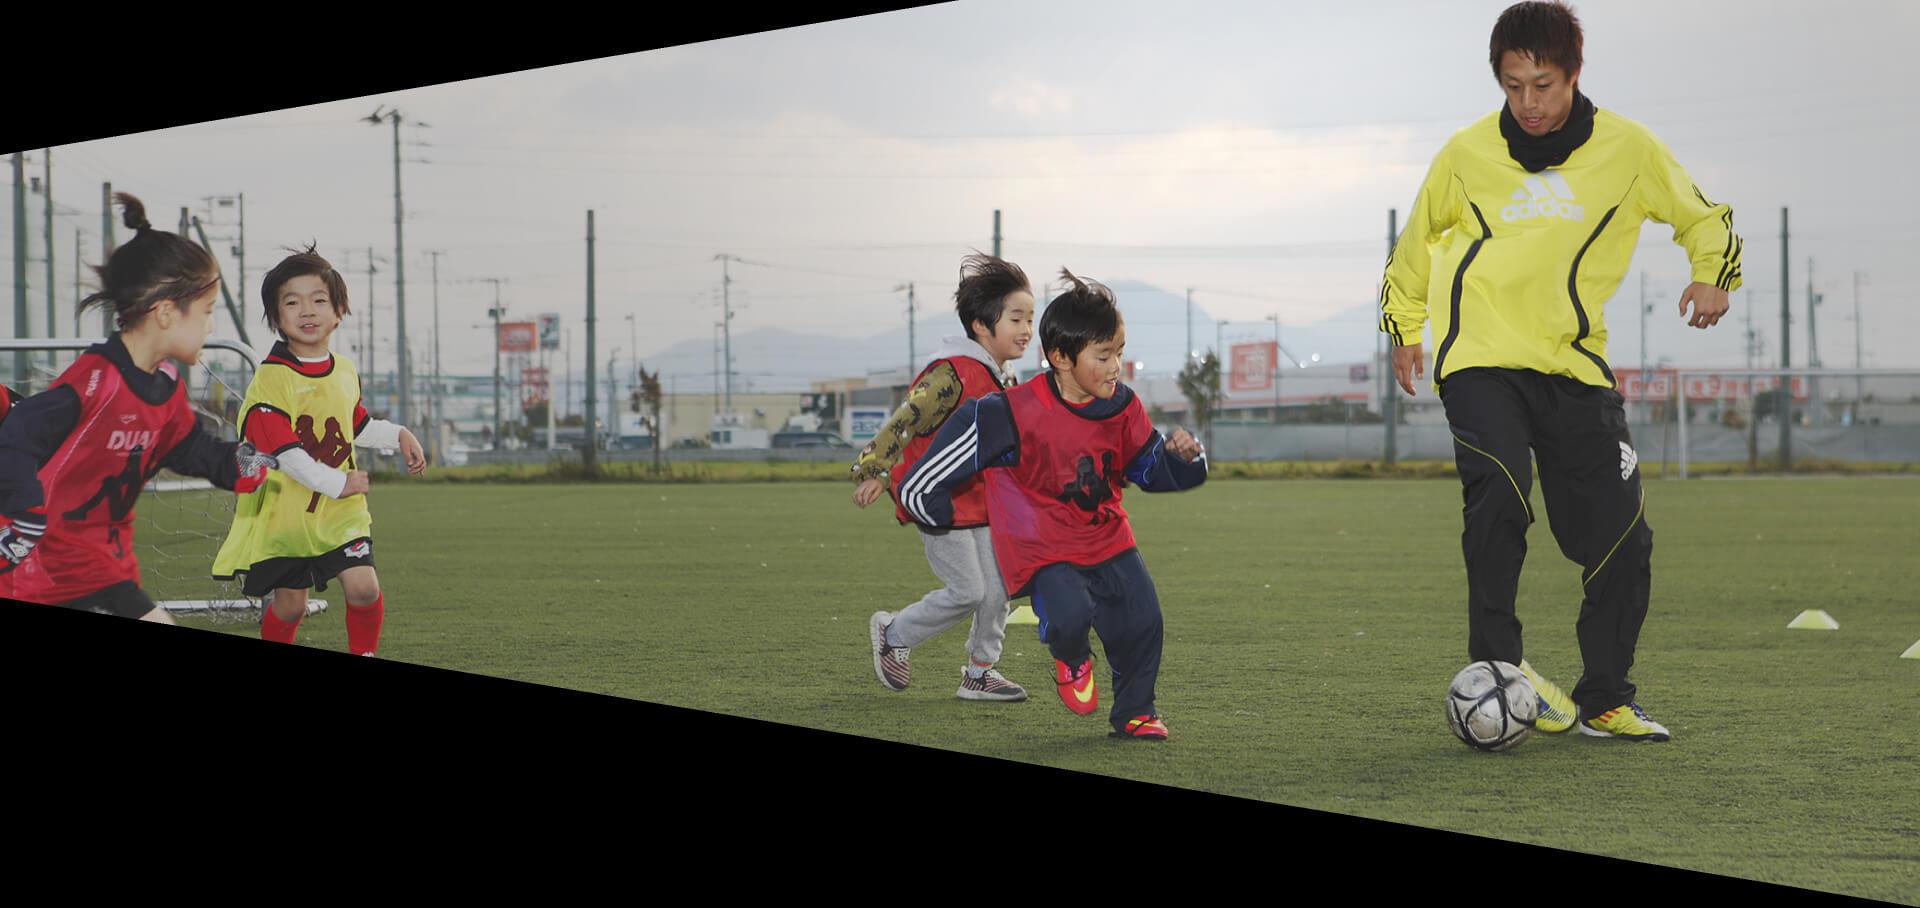 スポーツ健康学科<br /> コーチ育成コース